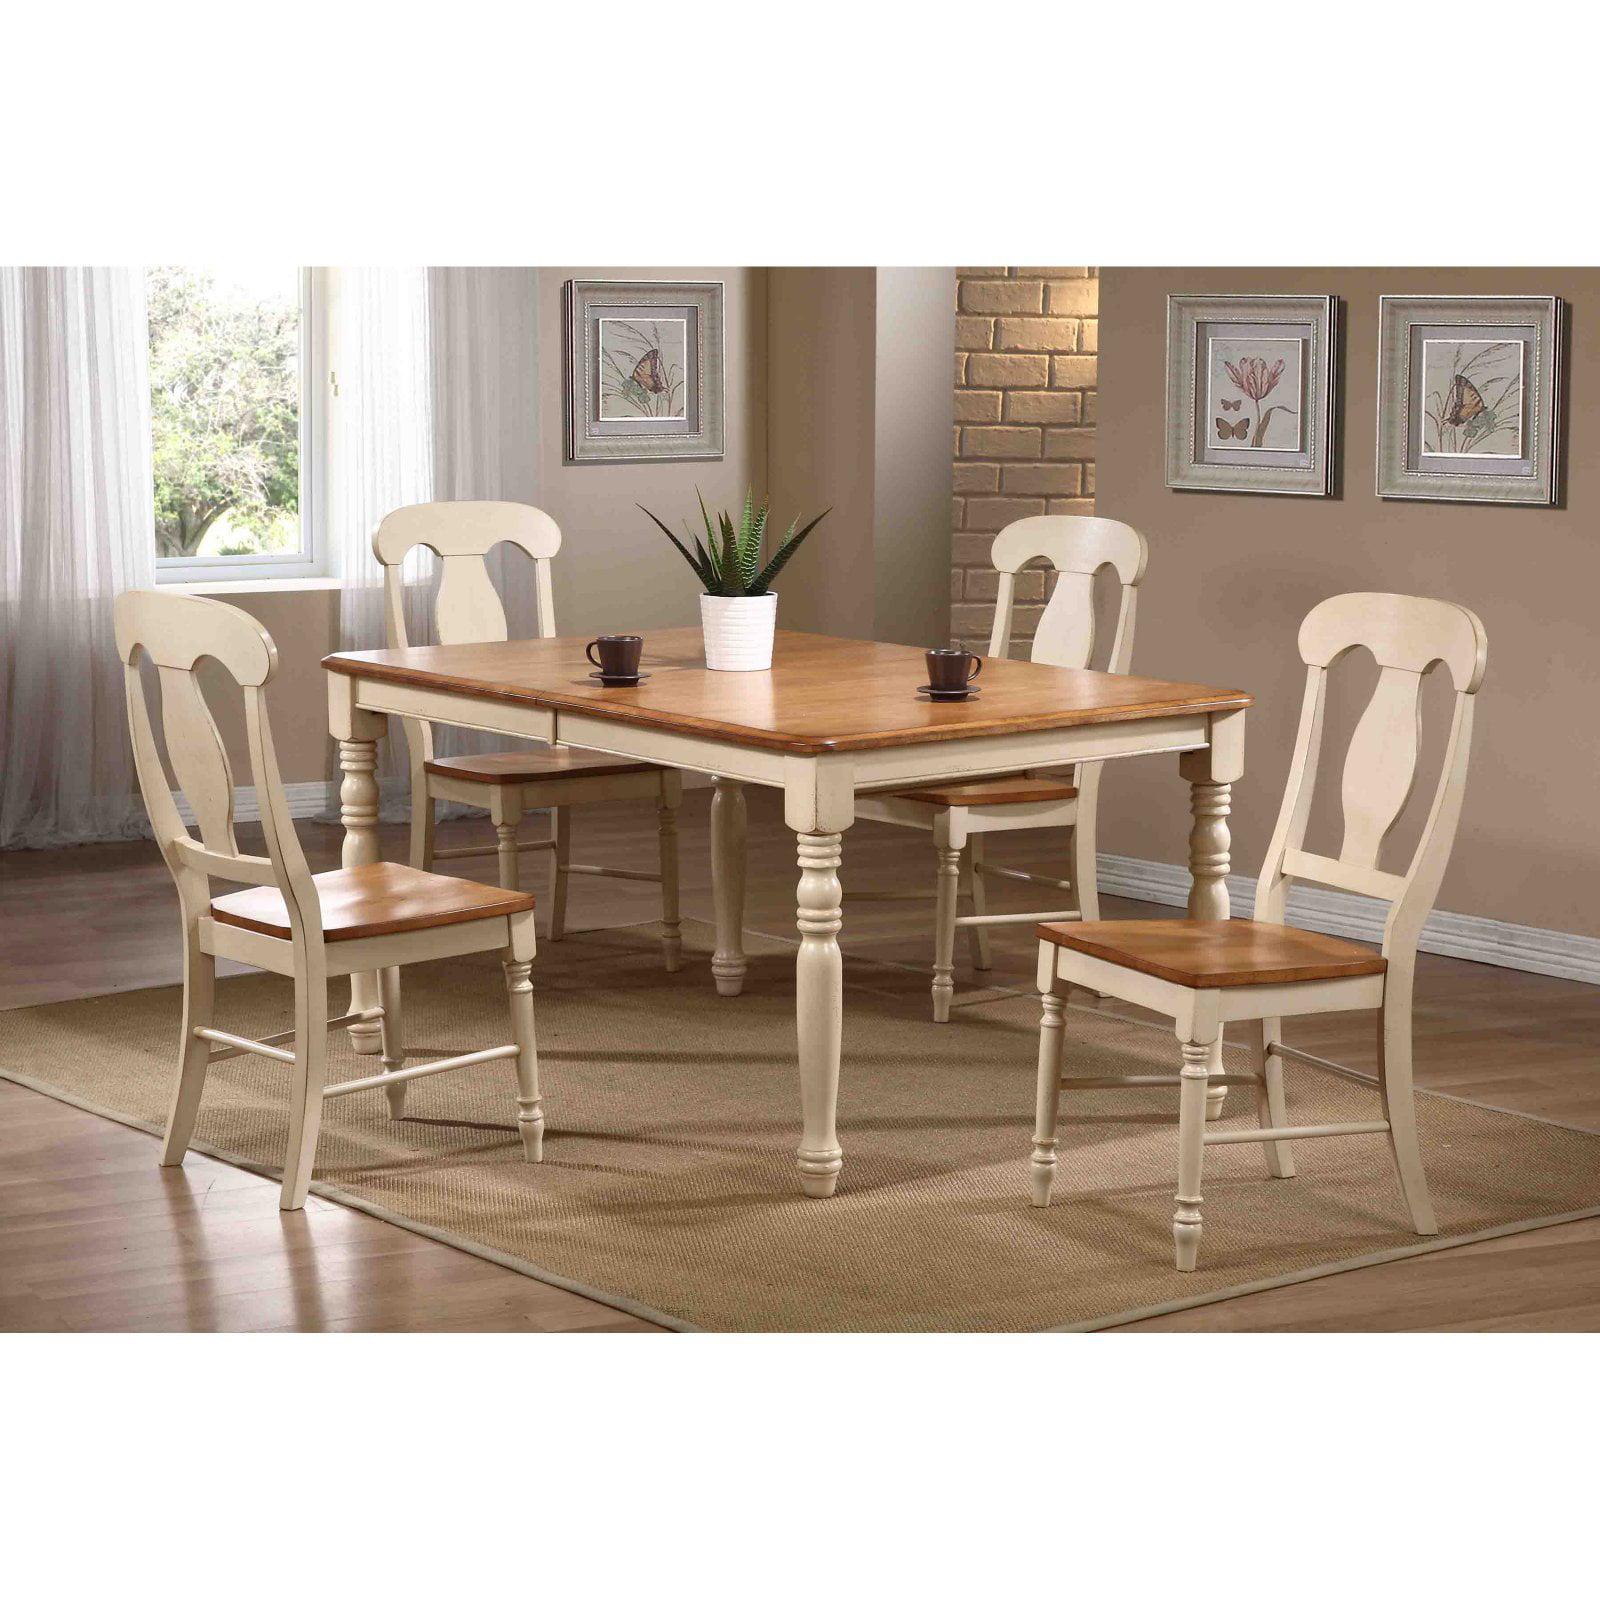 Iconic Furniture 5 Piece Rectangular Dining Set - Caramel / Biscotti